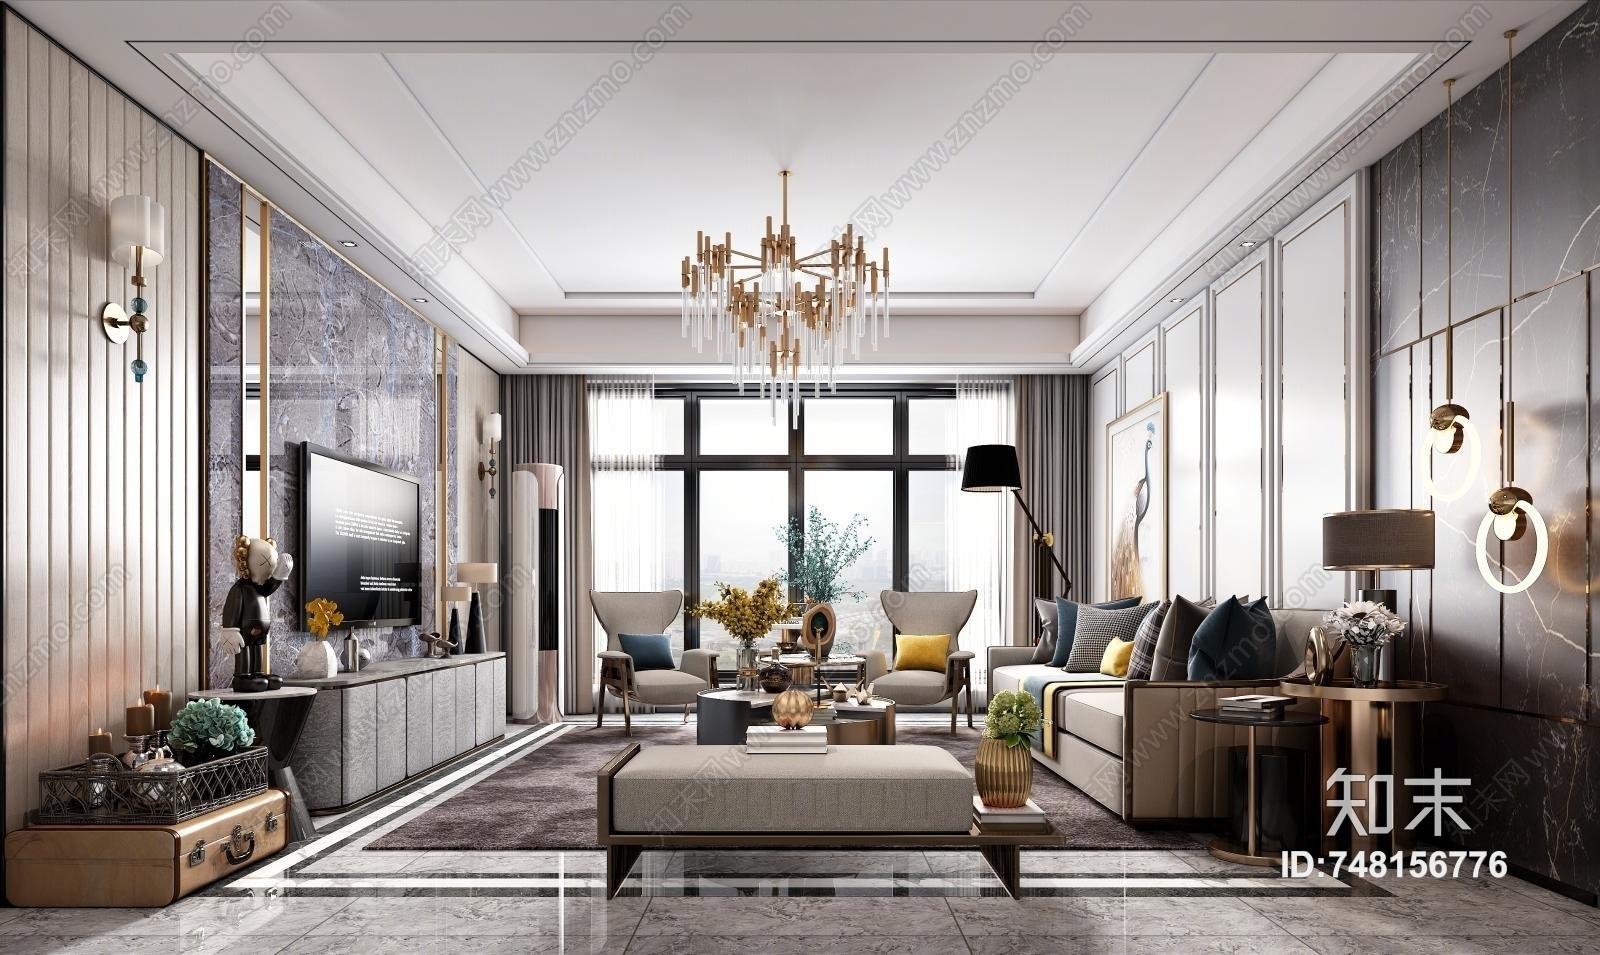 现代客厅 轻奢客厅 组合沙发  餐桌椅 软装 家具